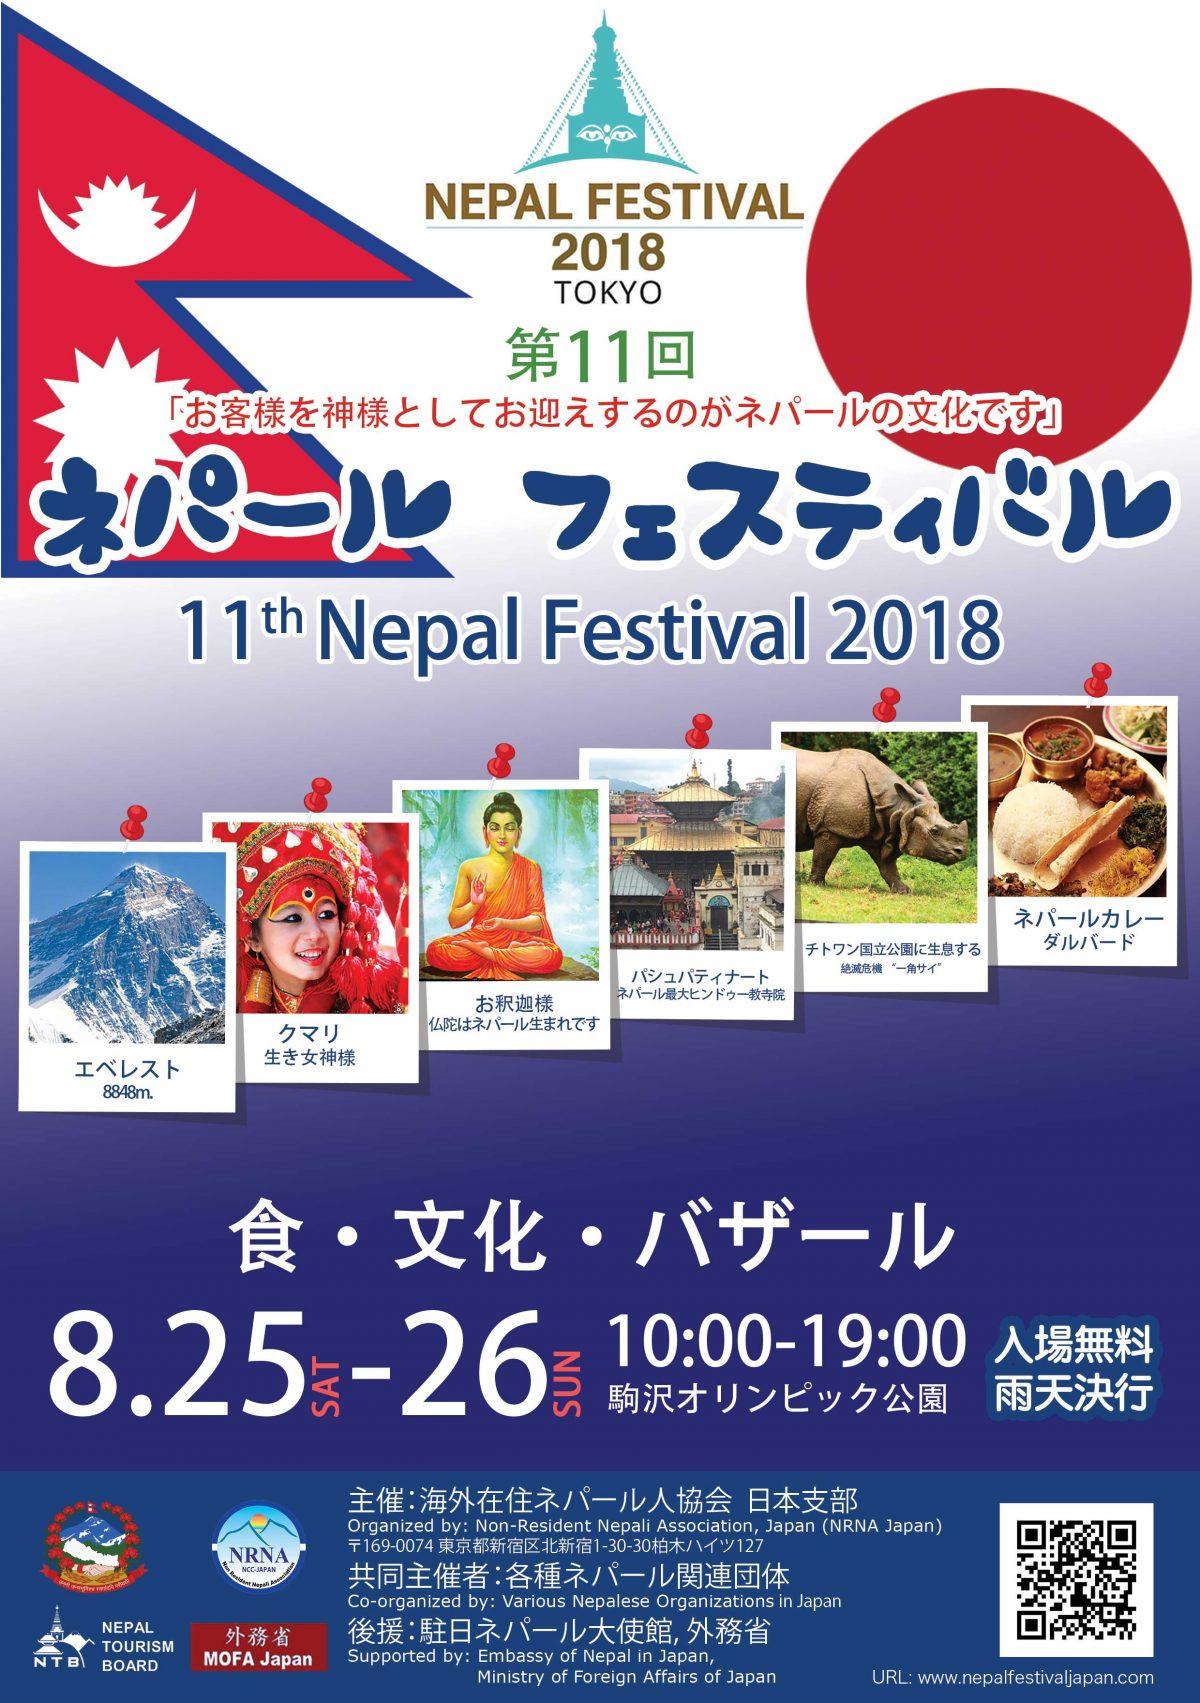 「お客様を神様としてお迎えするのがネパールの文化です」第11回ネパールフェステイバル2018